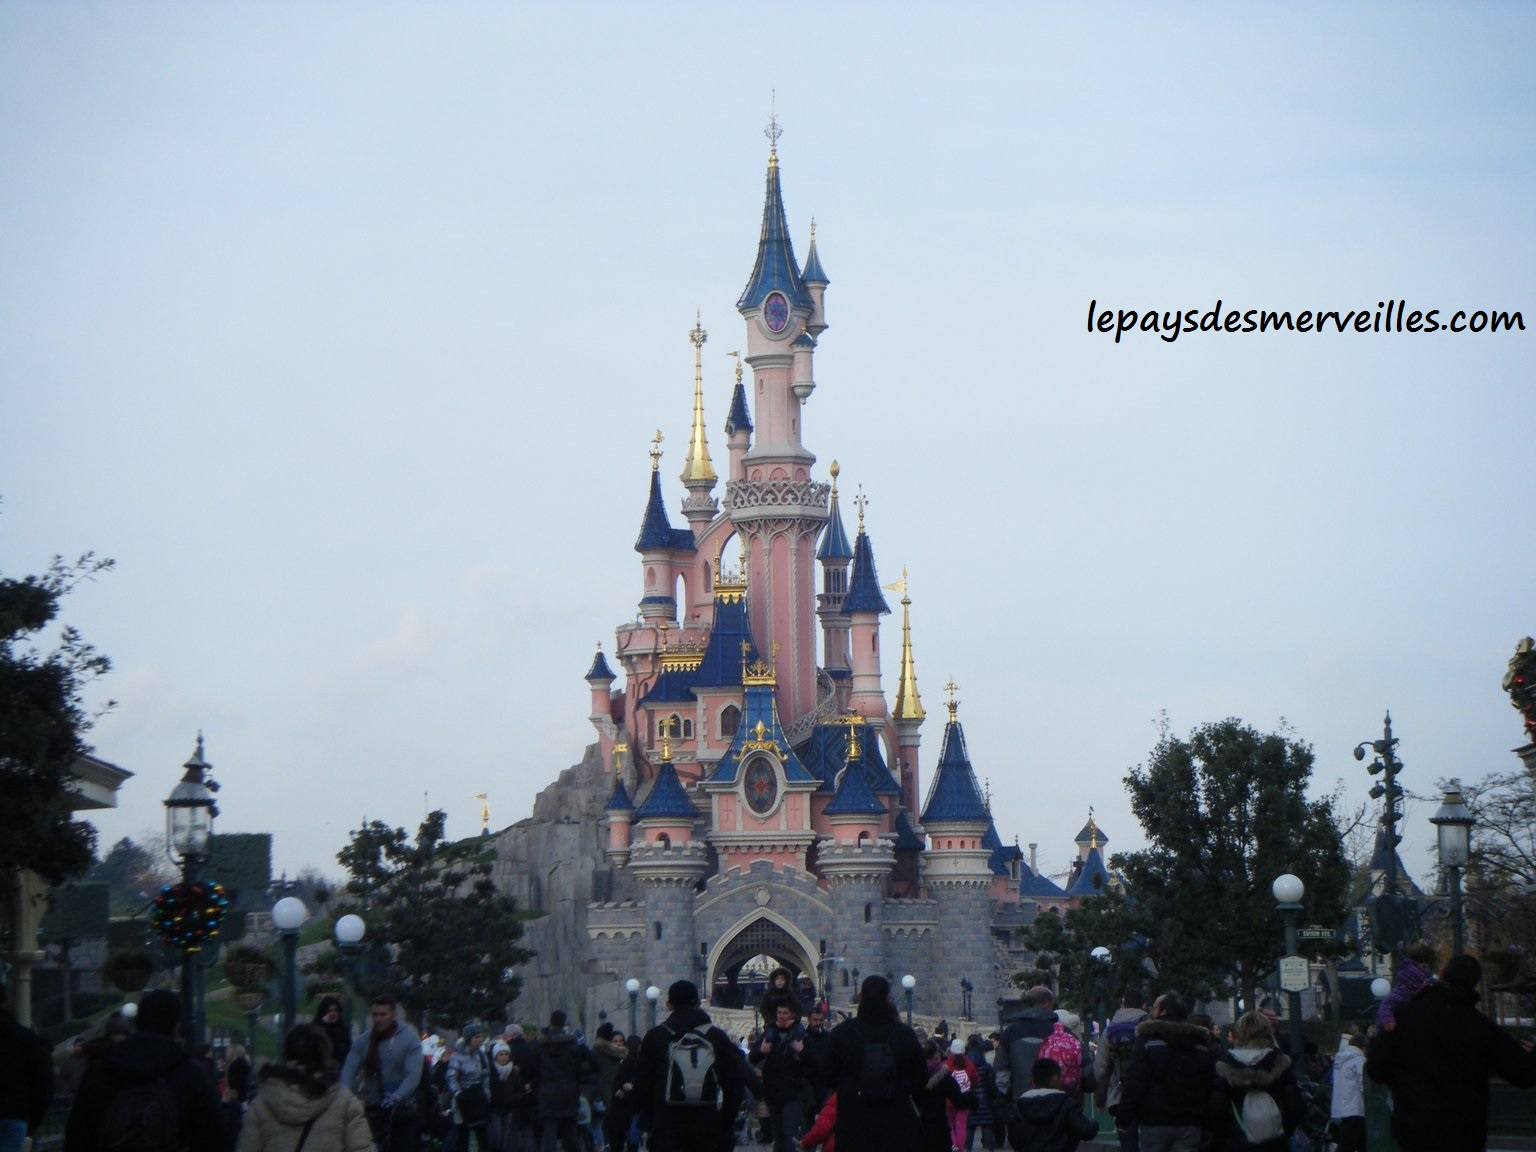 Disneyland Avec Un Enfant De 2 Ans Le Pays Des Merveilles